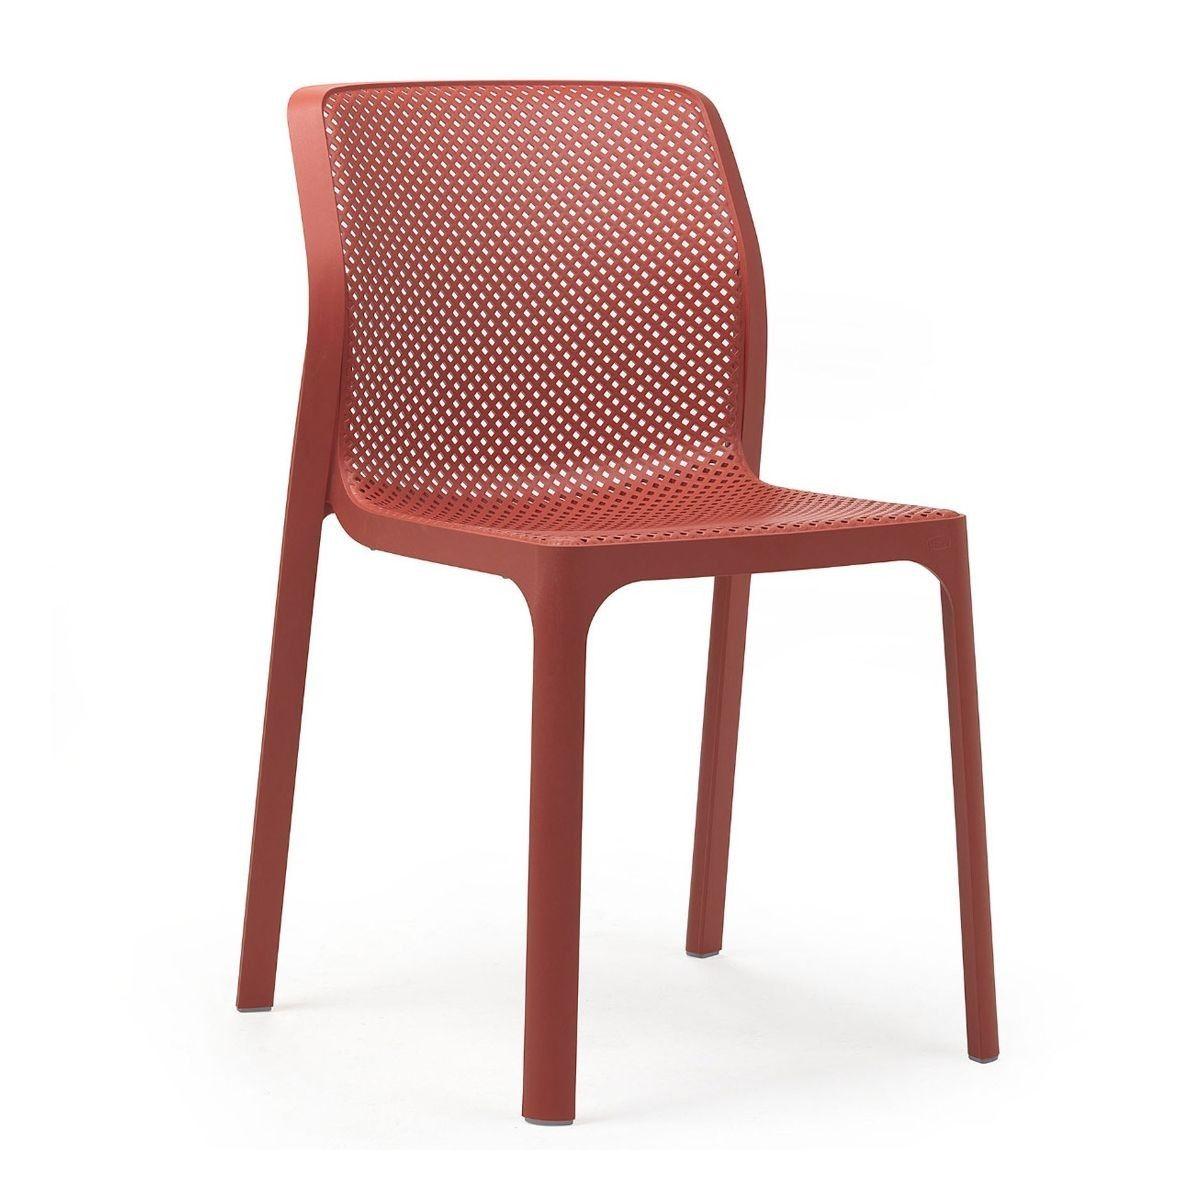 Confort Jardin De Mobilier Chaise Et BitProducts Moderne Xn80wPkO